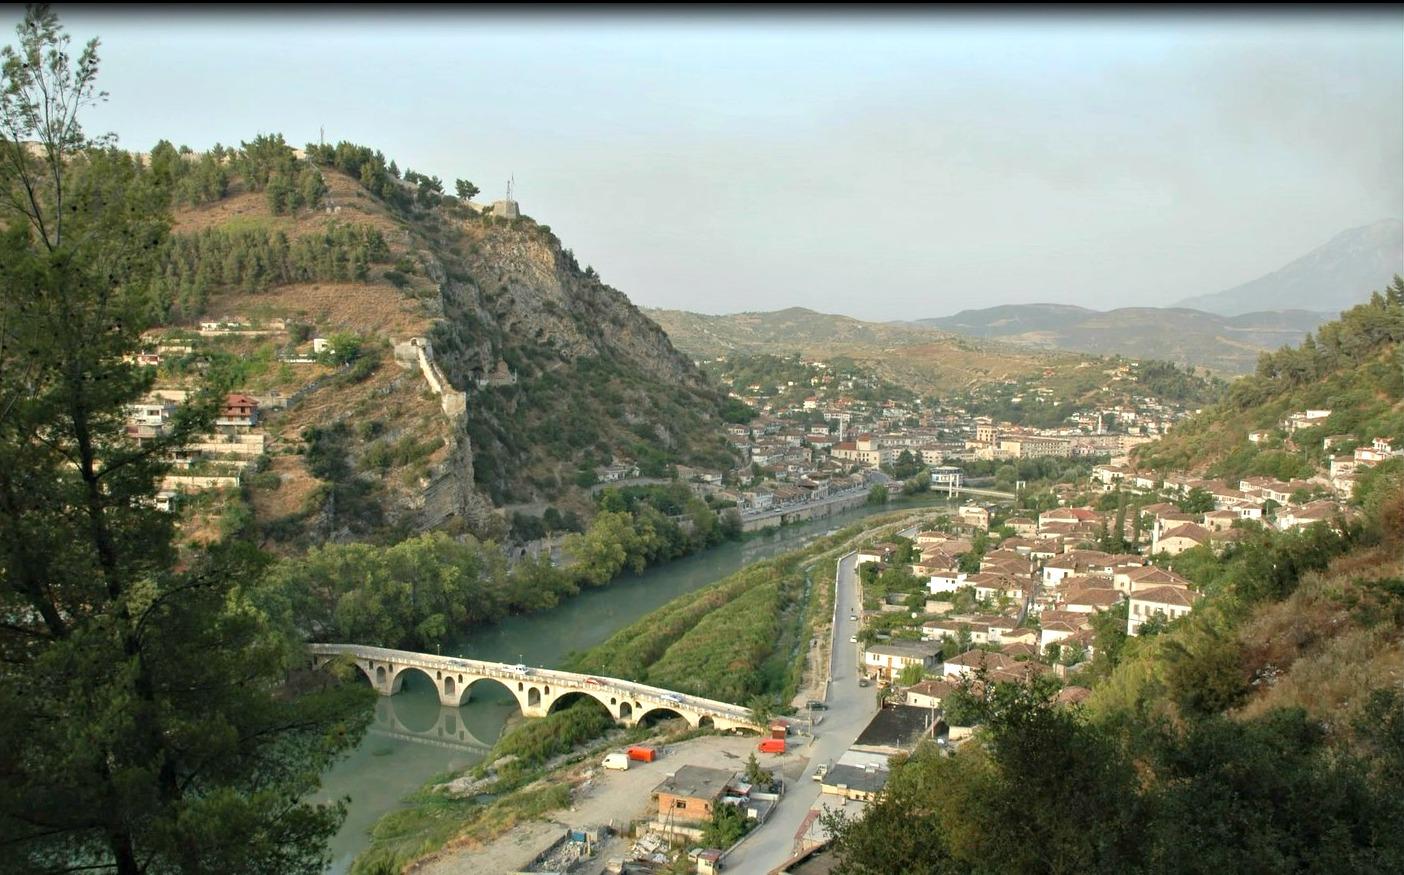 Beirat je mesto kamor se Bozgo vrne nekajkrat na leto.